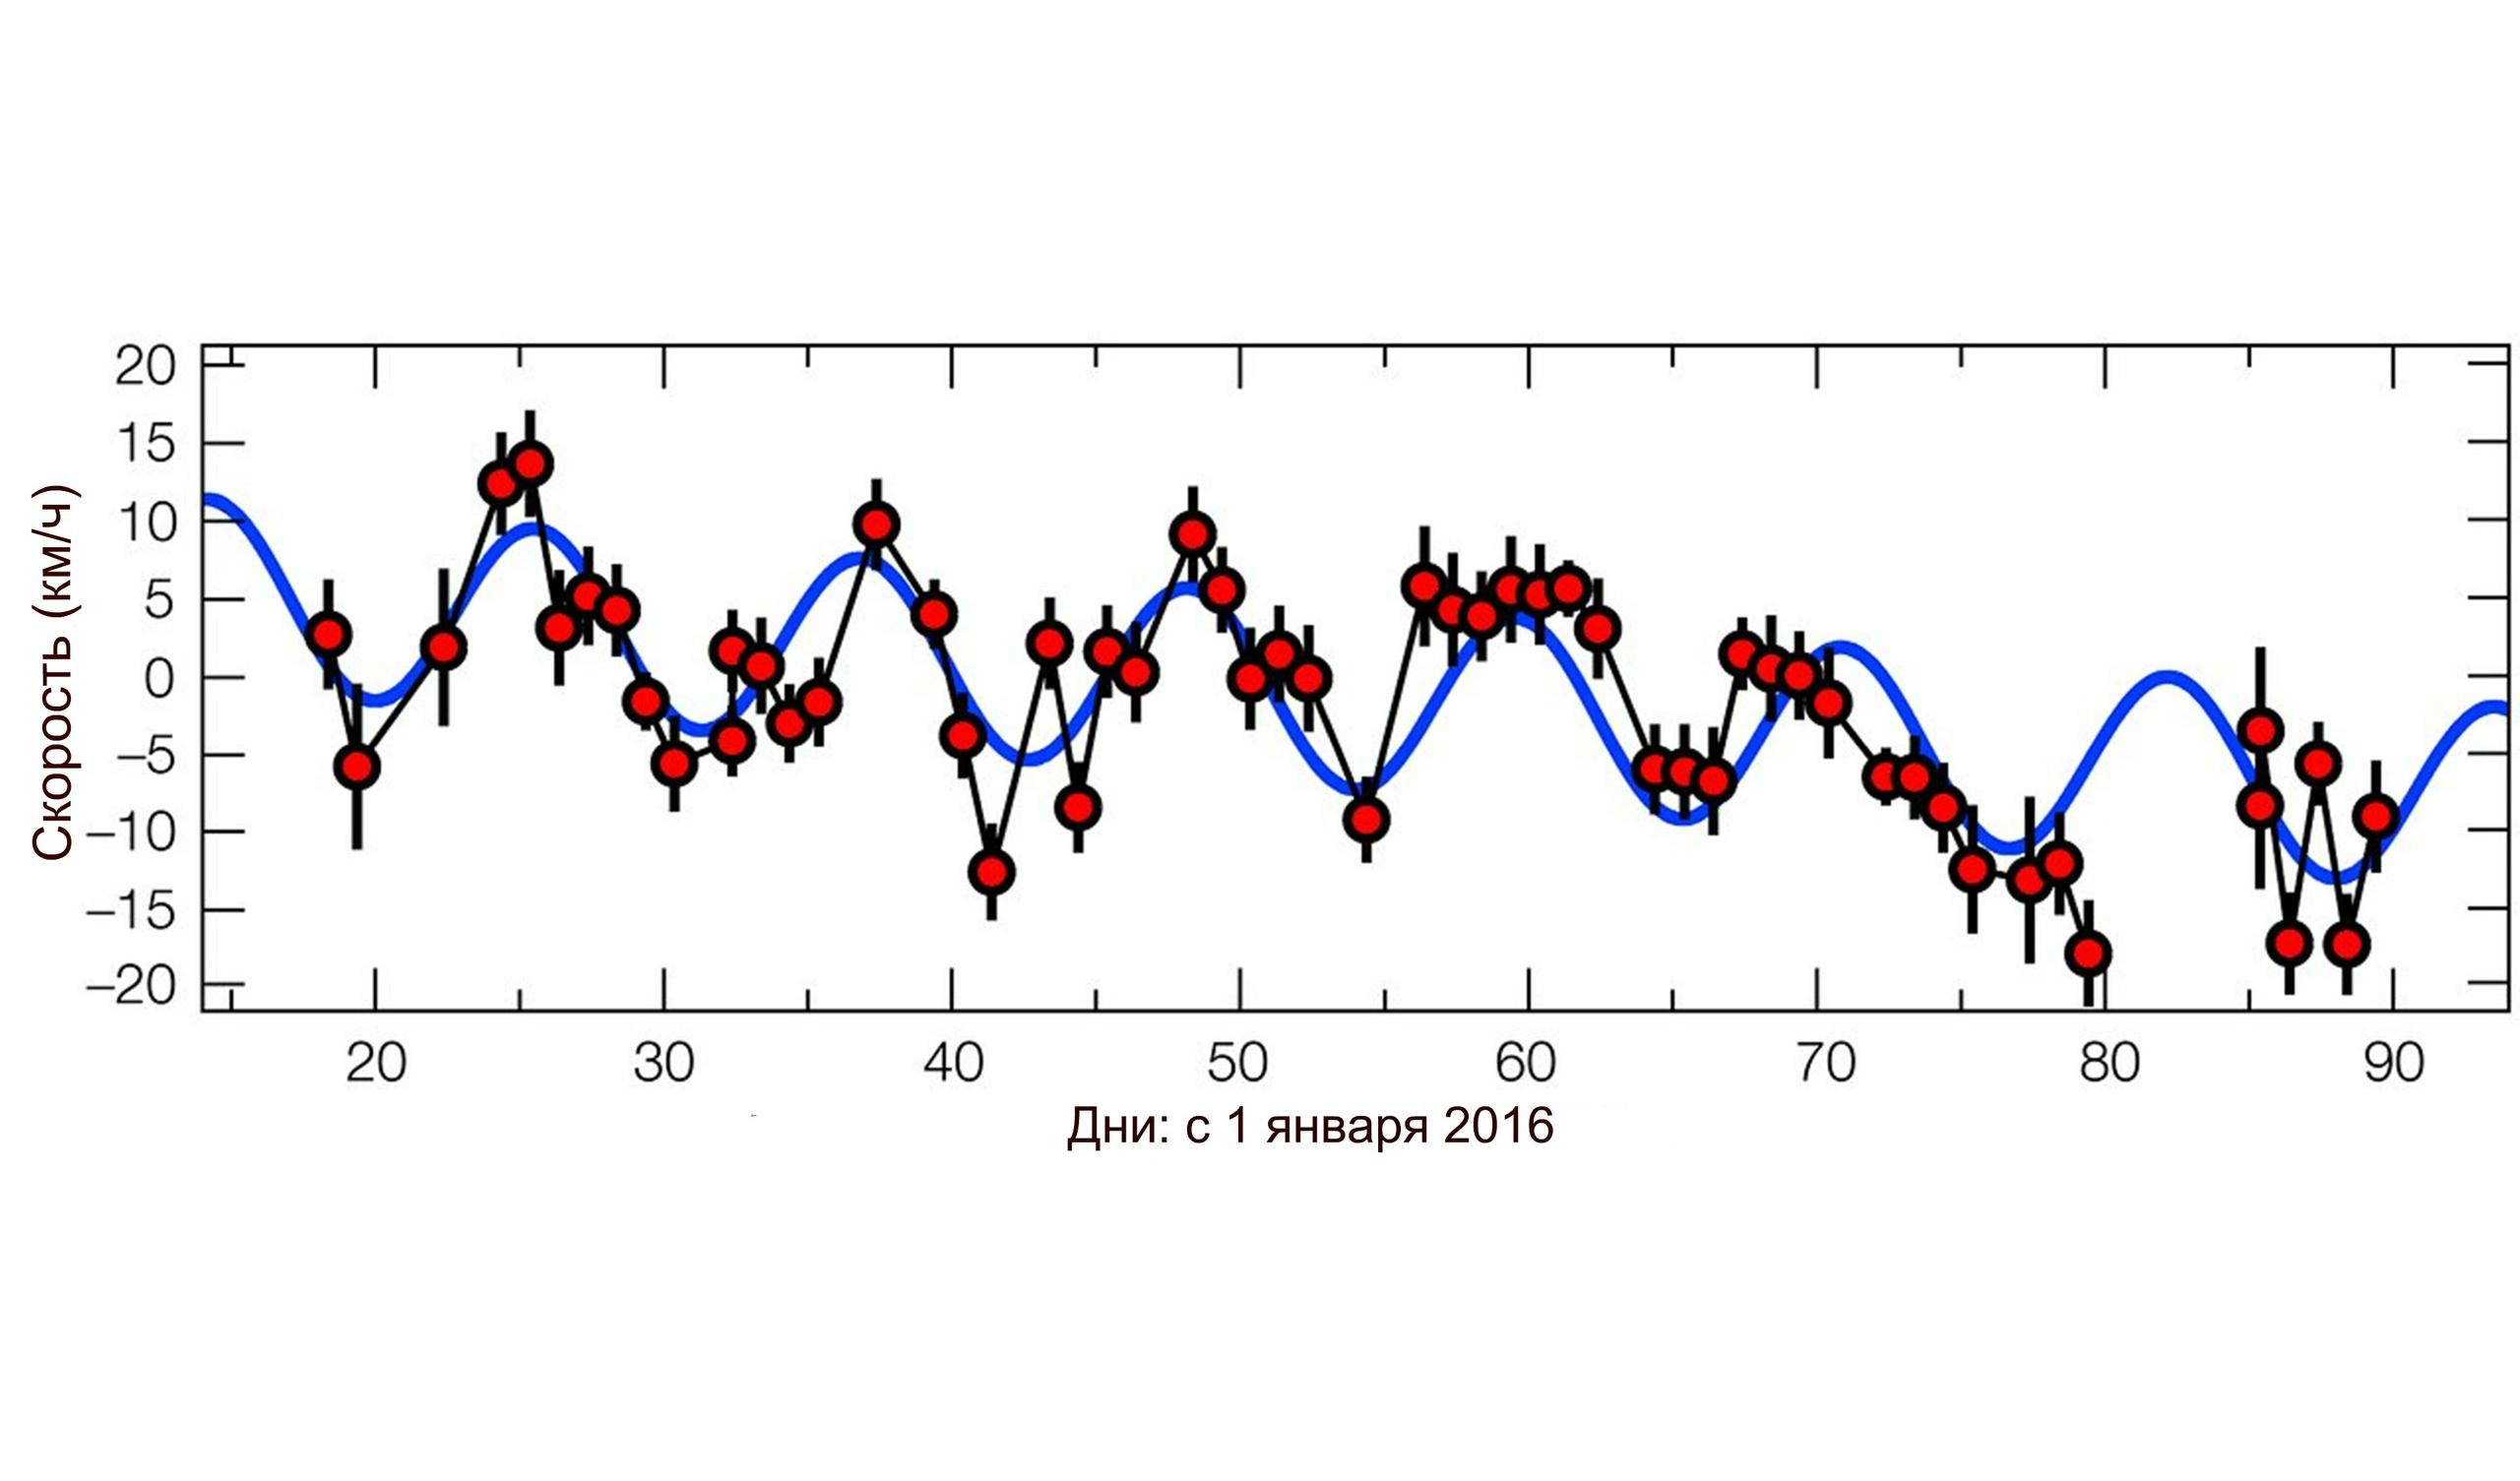 График показывает, как изменялось во времени движение Проксимы по лучу зрения по направлению к Земле и от неё в течение первой половины 2016 года.